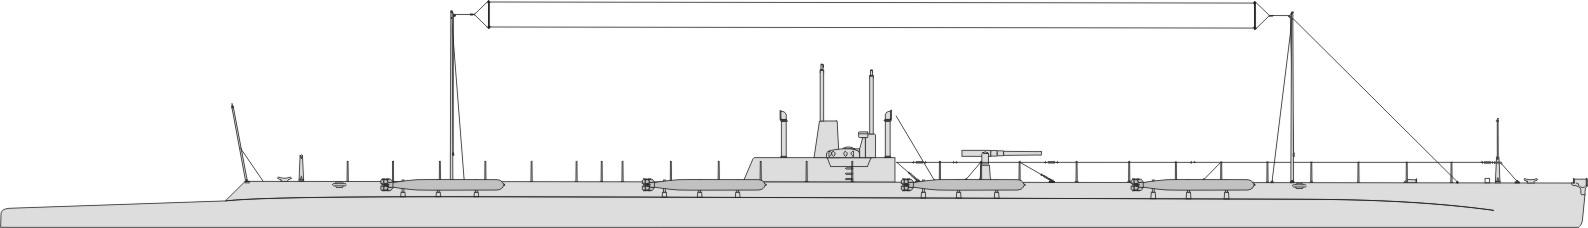 чертеж подводной лодки нарвал